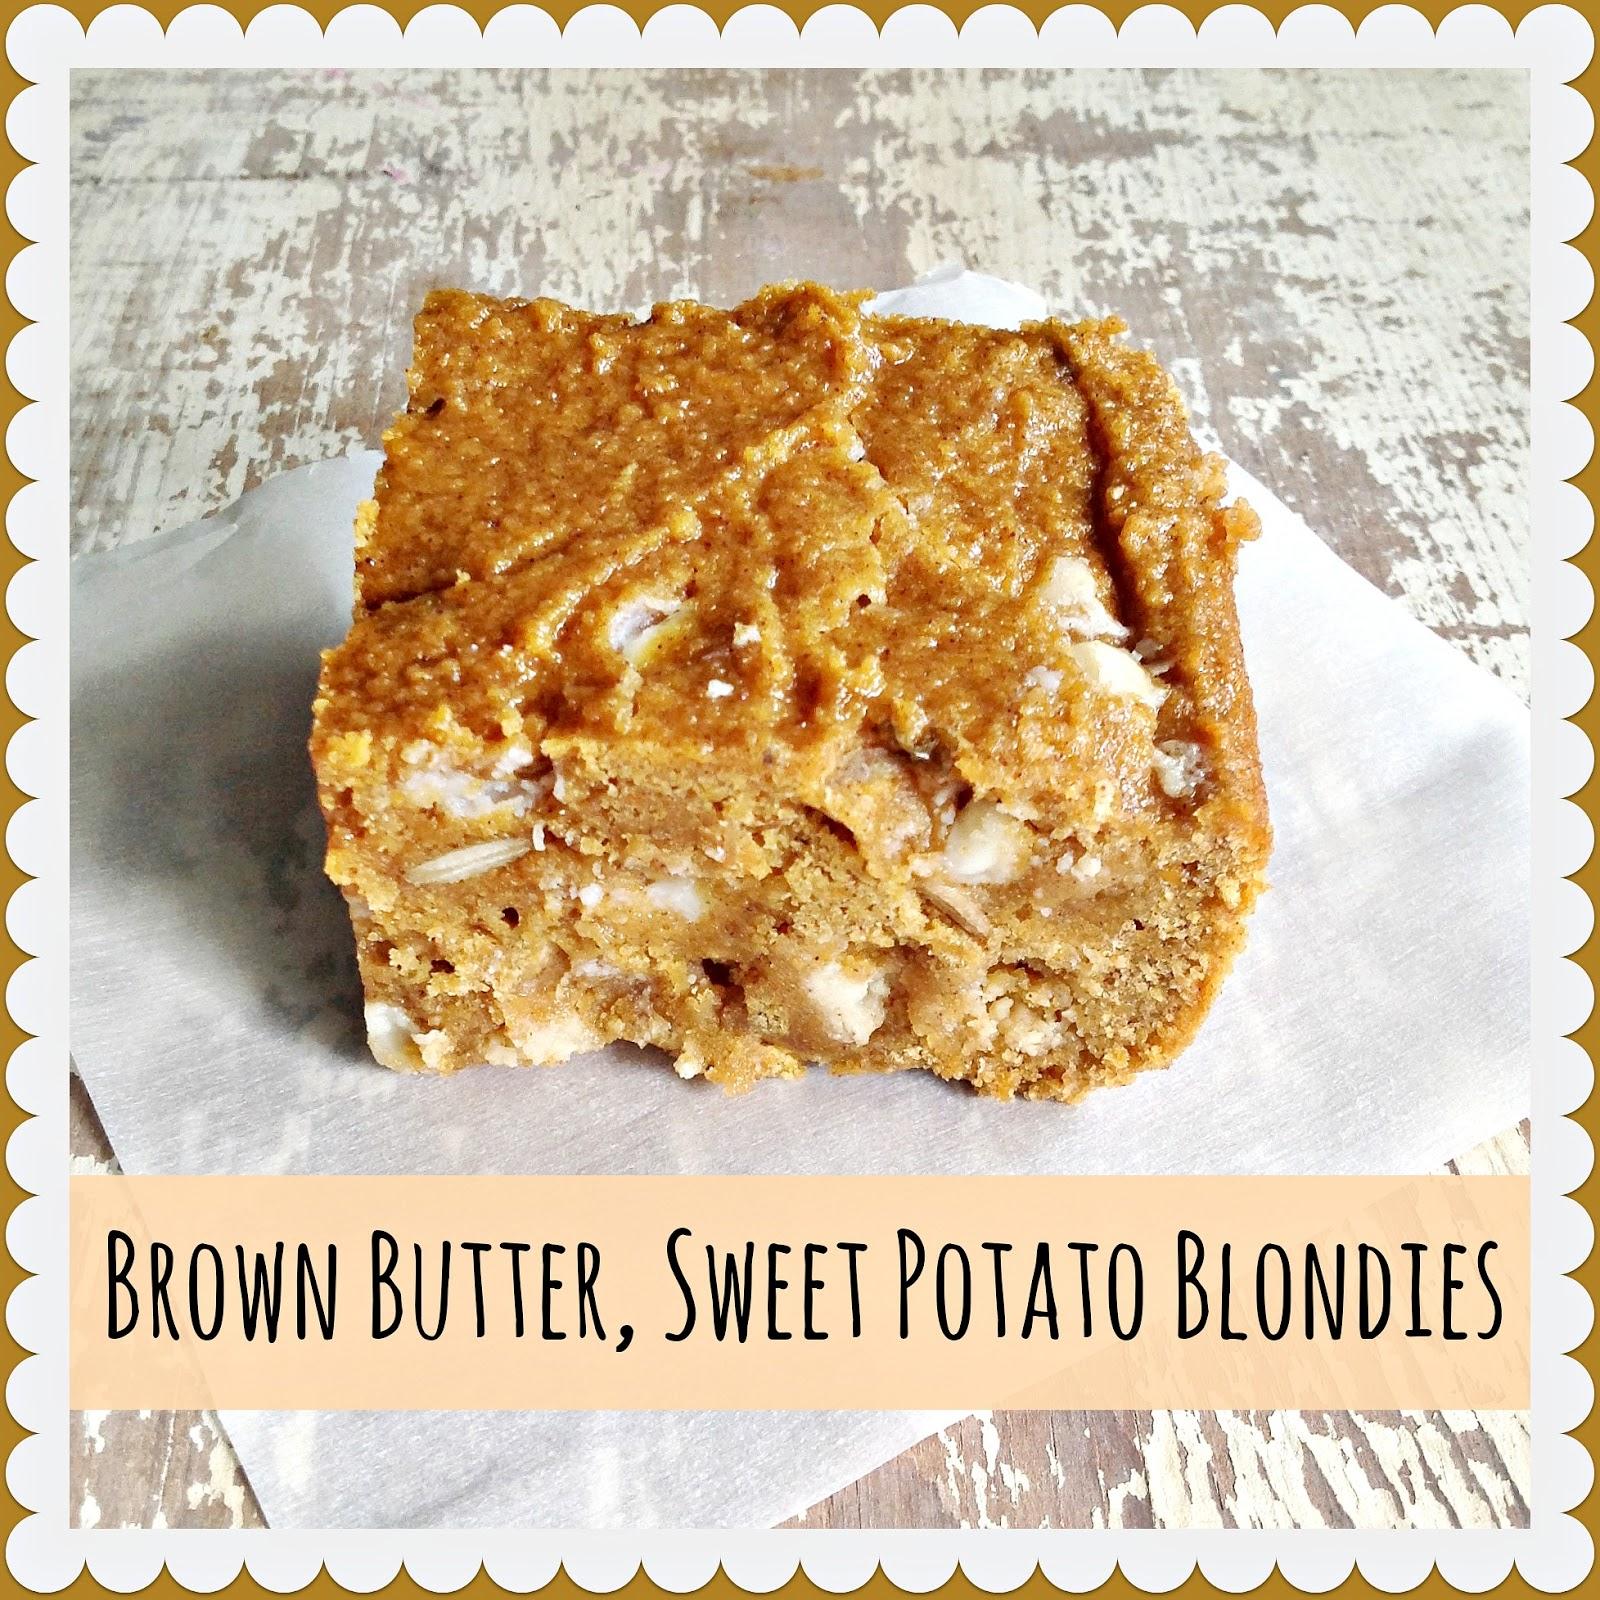 Brown Butter, Sweet Potato Blondies